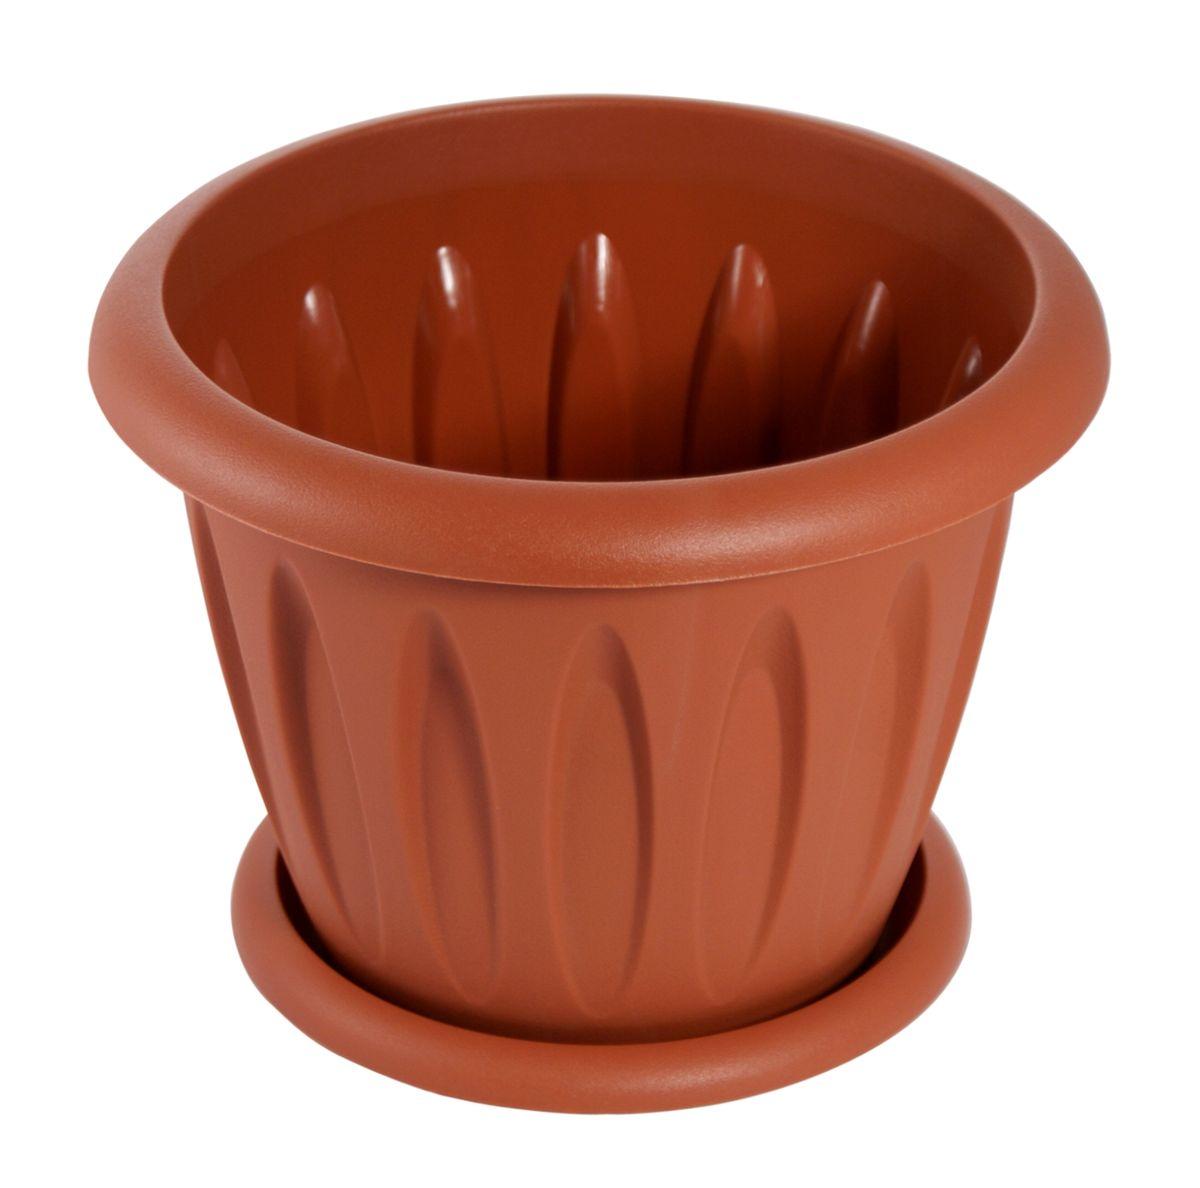 """Любой, даже самый современный и продуманный интерьер будет не завершенным без растений. Они не только очищают воздух и насыщают его кислородом, но и заметно украшают окружающее пространство. Такому полезному члену семьи просто необходимо красивое и функциональное кашпо, оригинальный горшок или необычная ваза! Мы предлагаем - Горшок для растений """"Фелиция"""" 6,4 л d=27 см с поддоном, цвет терракотовый! Оптимальный выбор материала - это пластмасса! Почему мы так считаем? Малый вес. С легкостью переносите горшки и кашпо с места на место, ставьте их на столики или полки, подвешивайте под потолок, не беспокоясь о нагрузке. Простота ухода. Пластиковые изделия не нуждаются в специальных условиях хранения. Их легко чистить достаточно просто сполоснуть теплой водой. Никаких царапин. Пластиковые кашпо не царапают и не загрязняют поверхности, на которых стоят. Пластик дольше хранит влагу, а значит растение реже нуждается в поливе. Пластмасса не пропускает воздух корневой системе растения не грозят резкие перепады температур. Огромный выбор форм, декора и расцветок вы без труда подберете что-то, что идеально впишется в уже существующий интерьер. Соблюдая нехитрые правила ухода, вы можете заметно продлить срок службы горшков, вазонов и кашпо из пластика: всегда учитывайте размер кроны и корневой системы растения (при разрастании большое растение способно повредить маленький горшок) берегите изделие от воздействия прямых солнечных лучей, чтобы кашпо и горшки не выцветали держите кашпо и горшки из пластика подальше от нагревающихся поверхностей. Создавайте прекрасные цветочные композиции, выращивайте рассаду или необычные растения, а низкие цены позволят вам не ограничивать себя в выборе."""